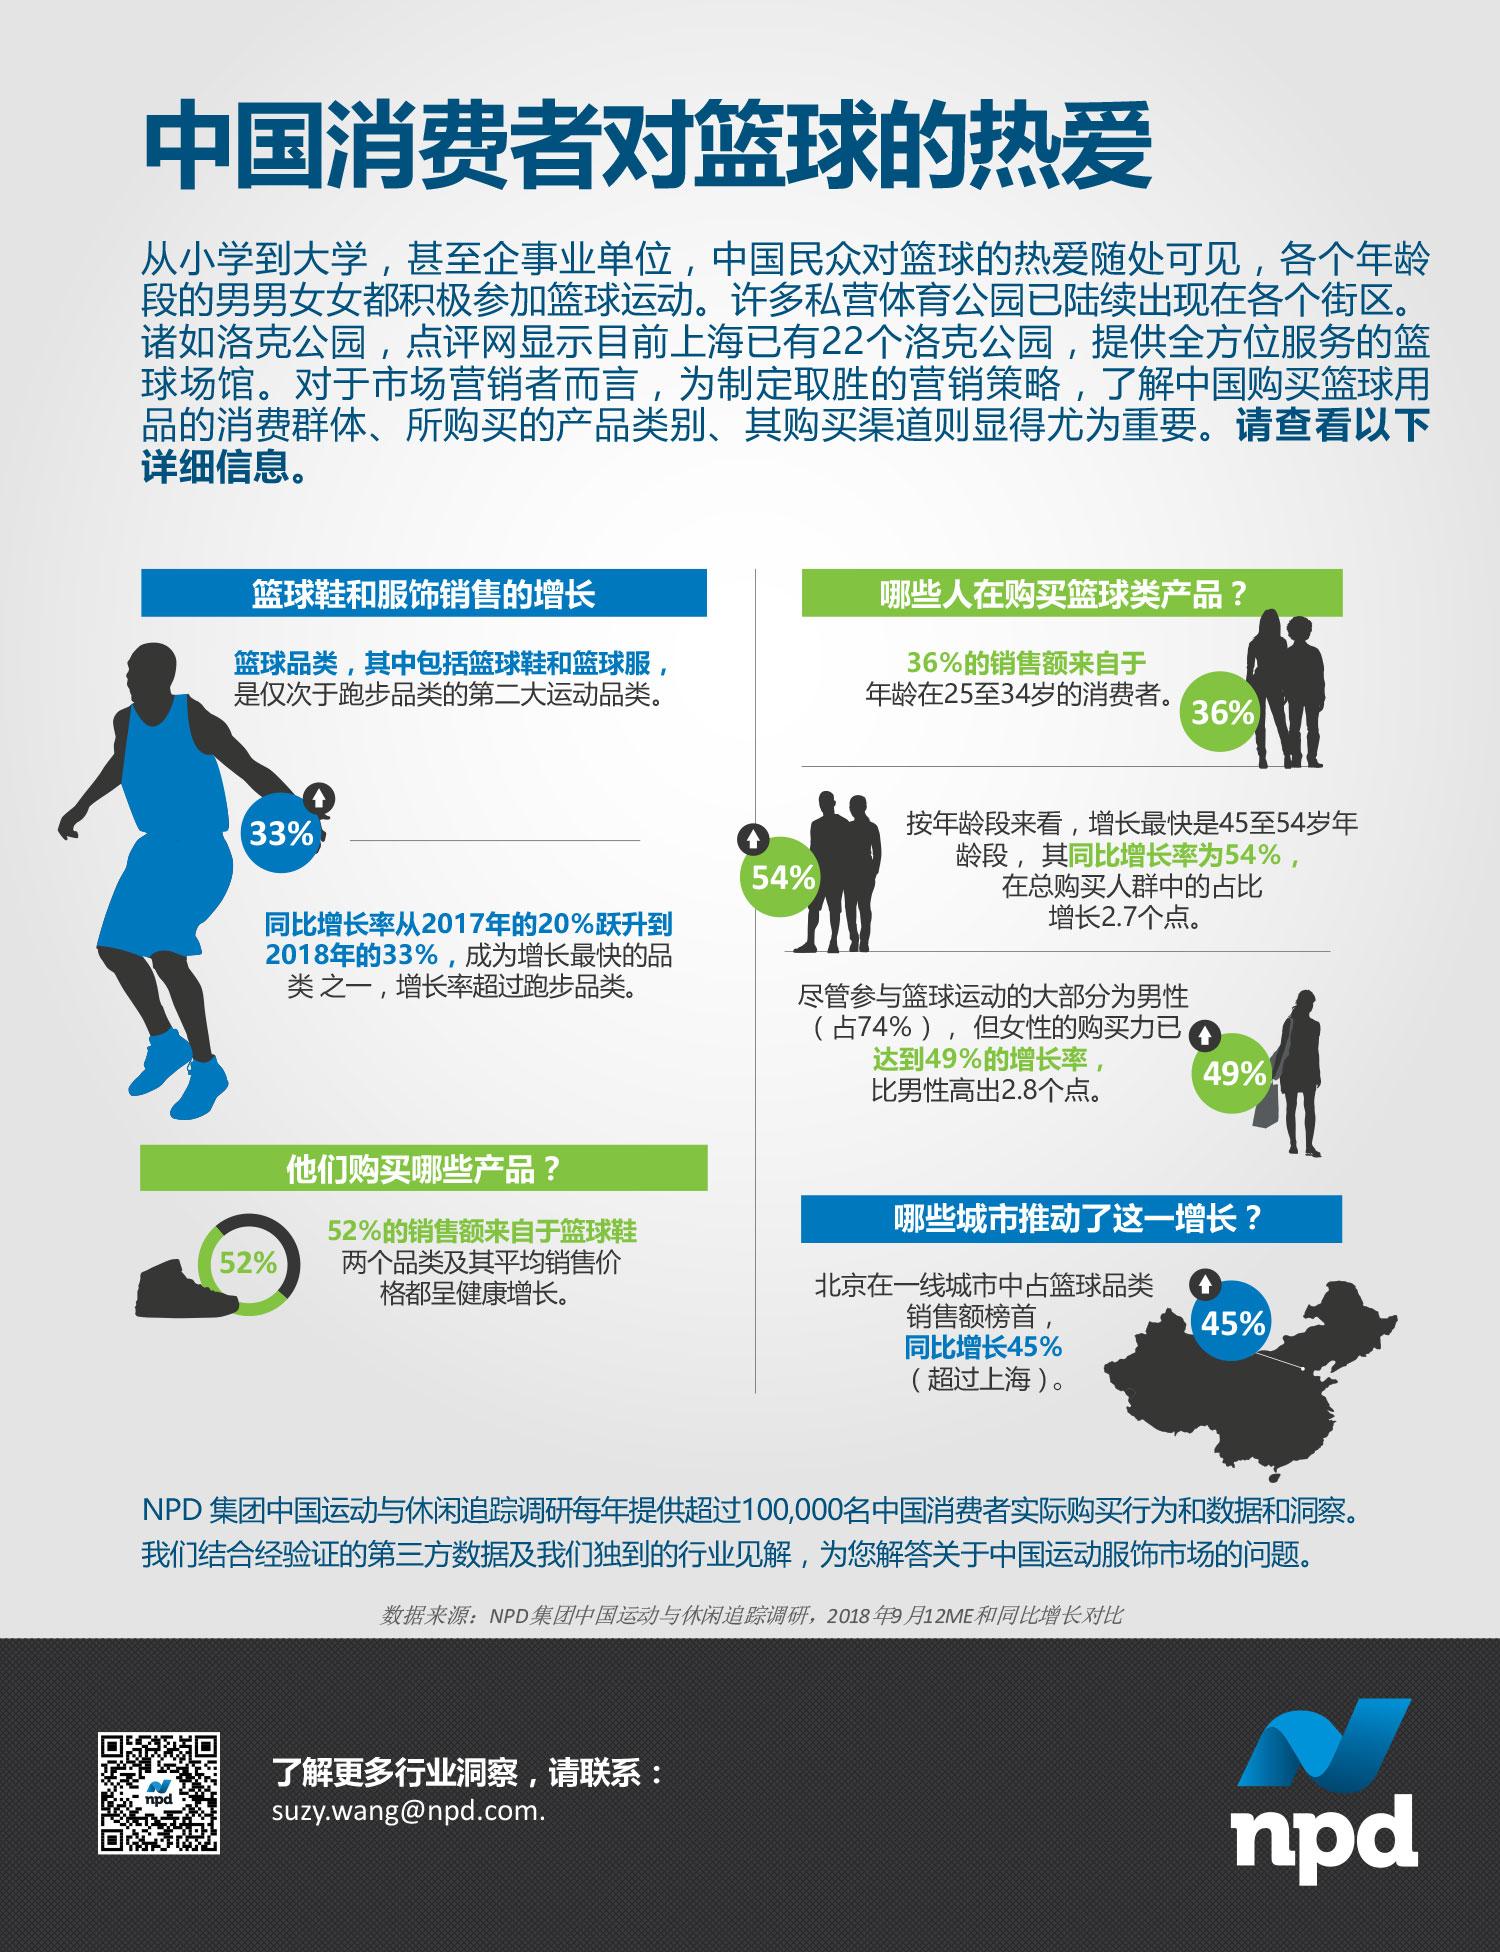 在中国,篮球品类的增长率从2017年的20%跃升至2018年的33%,成为增长最快的服装鞋履类别之一。 了解中国购买篮球用品的消费群体、所购买的产品类别以及购买渠道显得尤为重要。